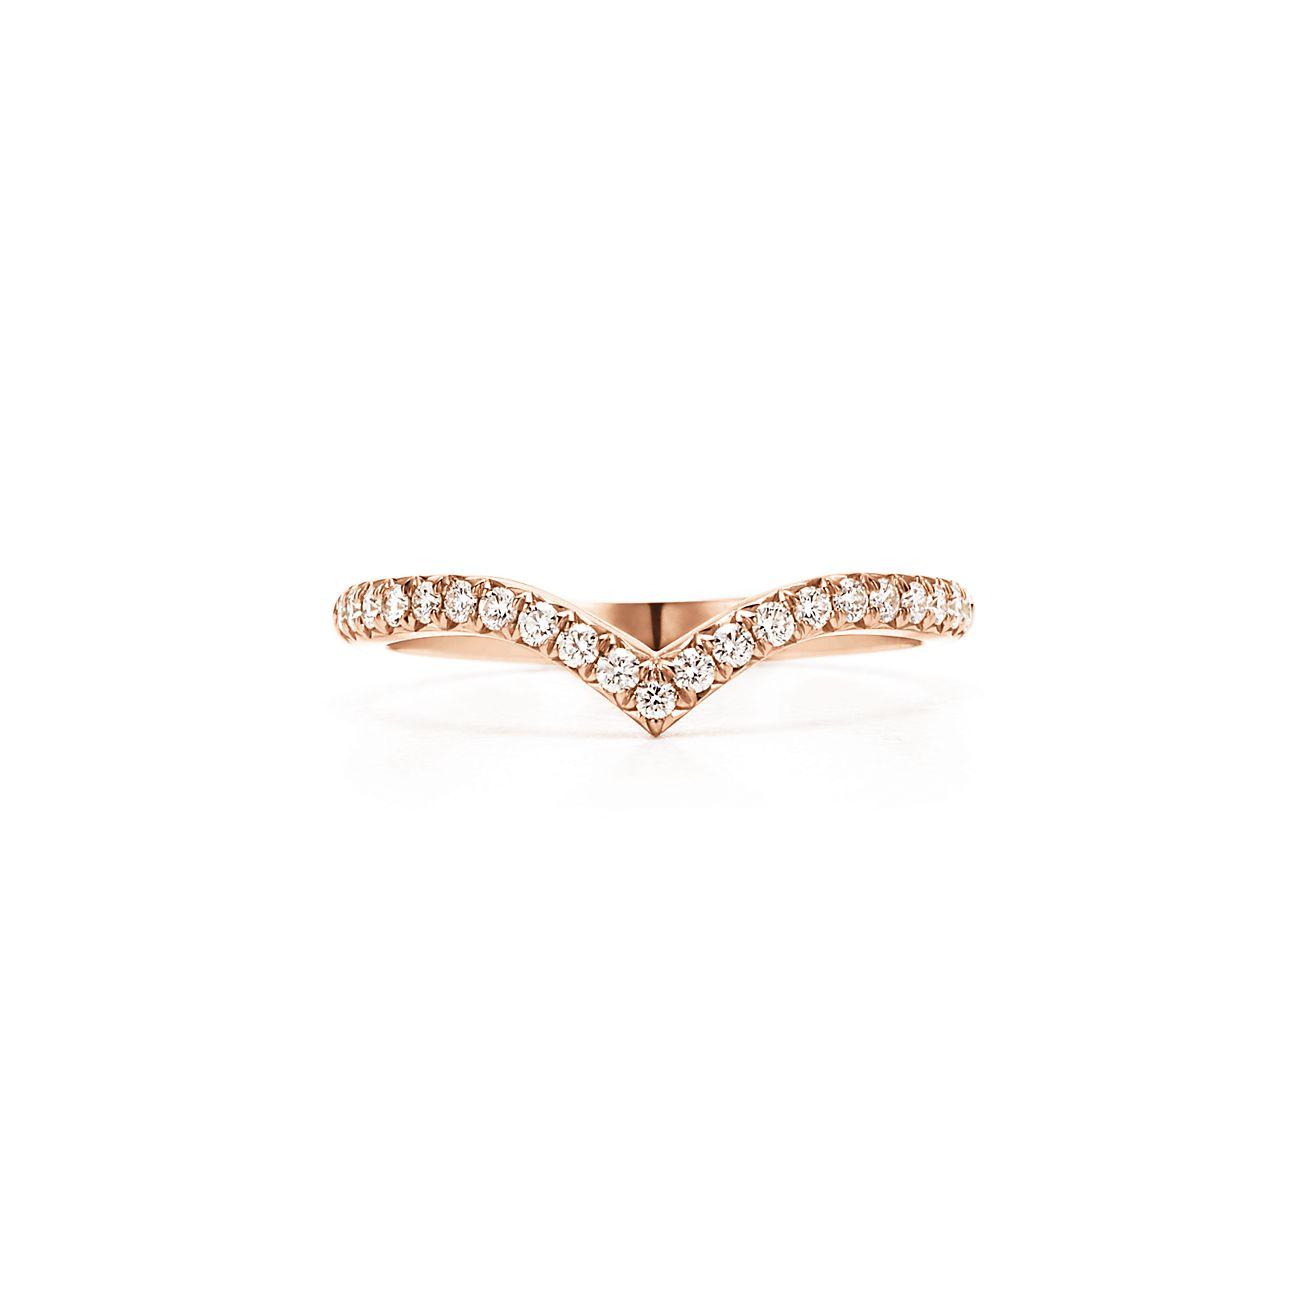 Tiffany Soleste V Ring In 18k Rose Gold With Diamonds Tiffany Co